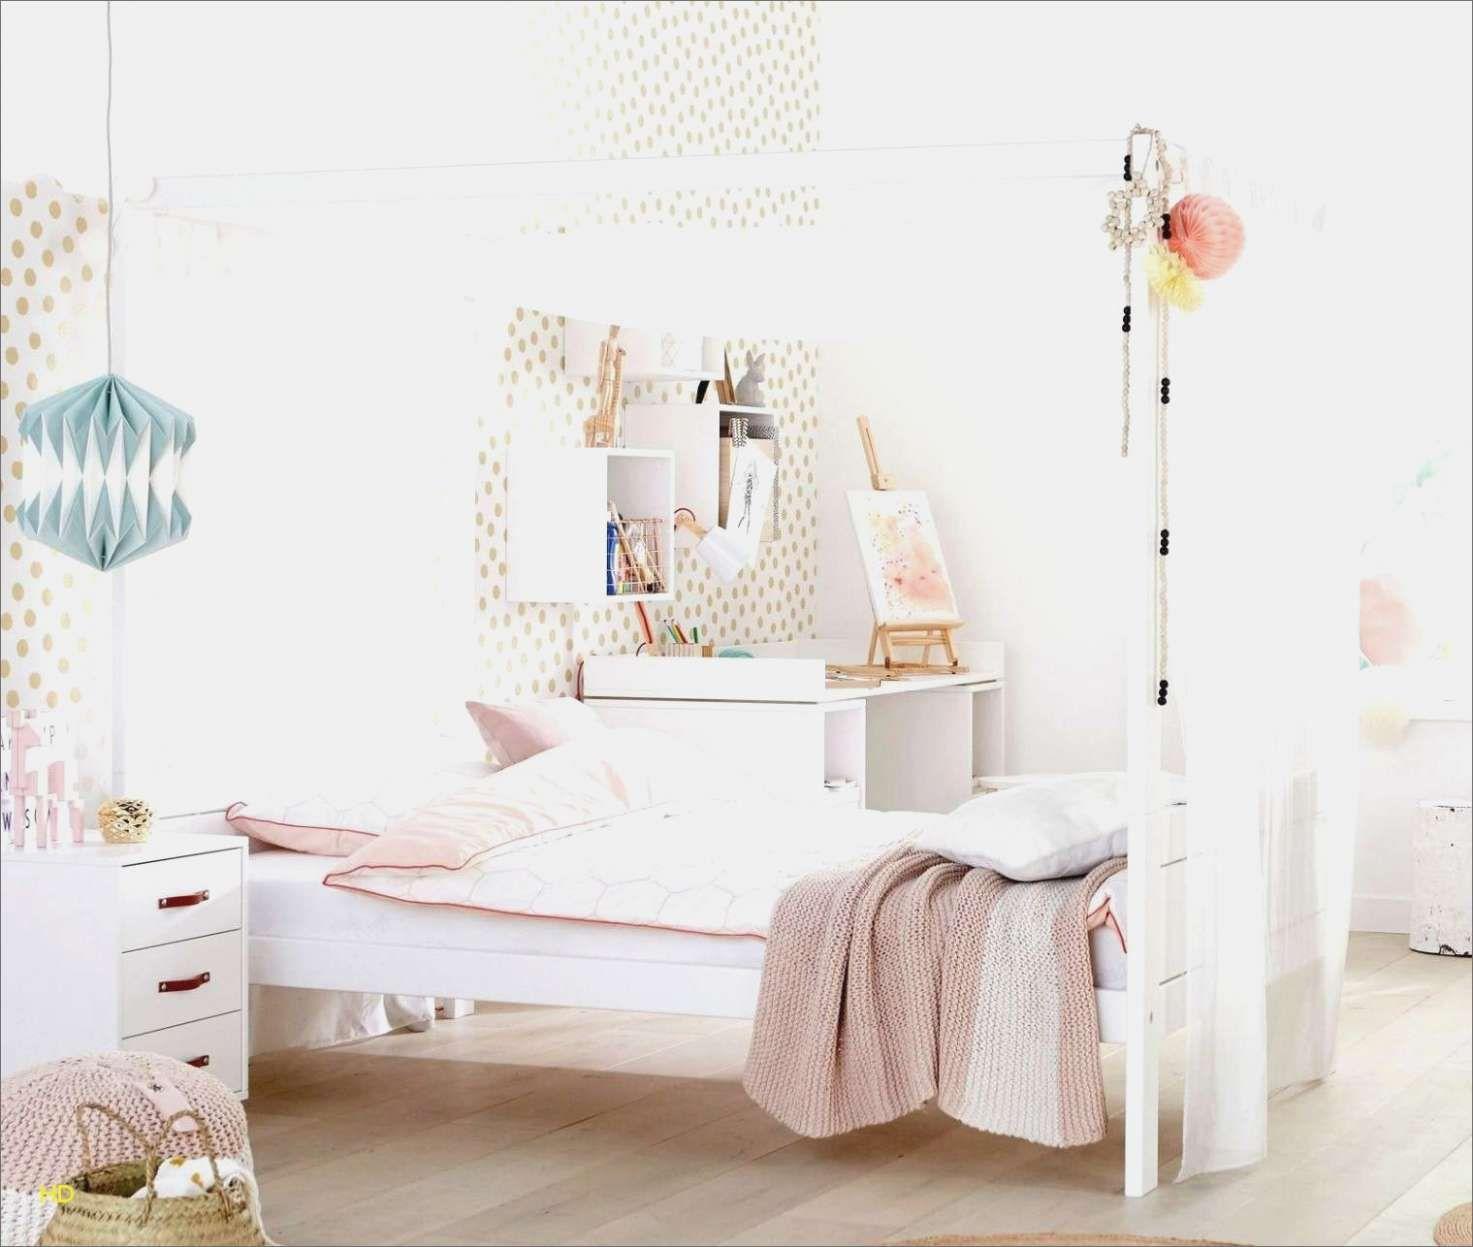 Kinderbett Mit Absturzsicherung 90x200 Kinderbett Mit Rausfallschut In 2020 With Images Modern Contemporary Bedroom Furniture Contemporary Bedroom Furniture Bedroom Designs Images